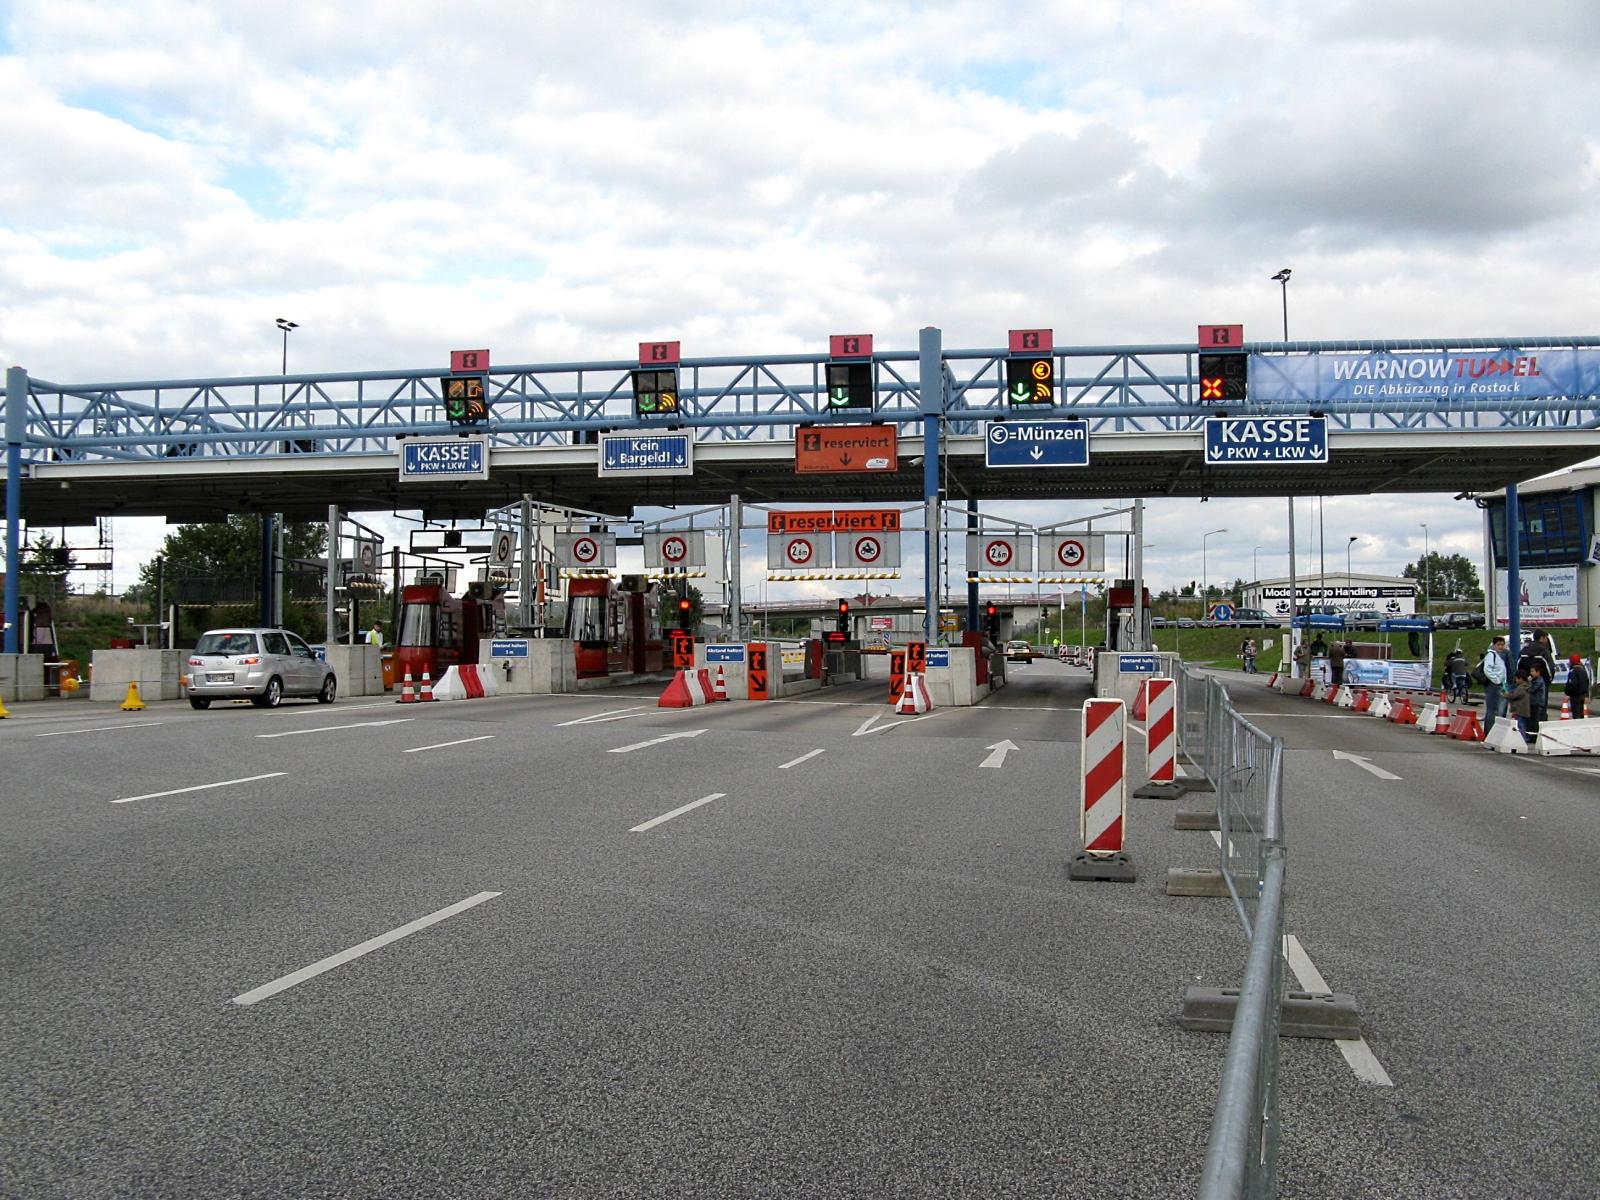 Warnowtunnel Rostock